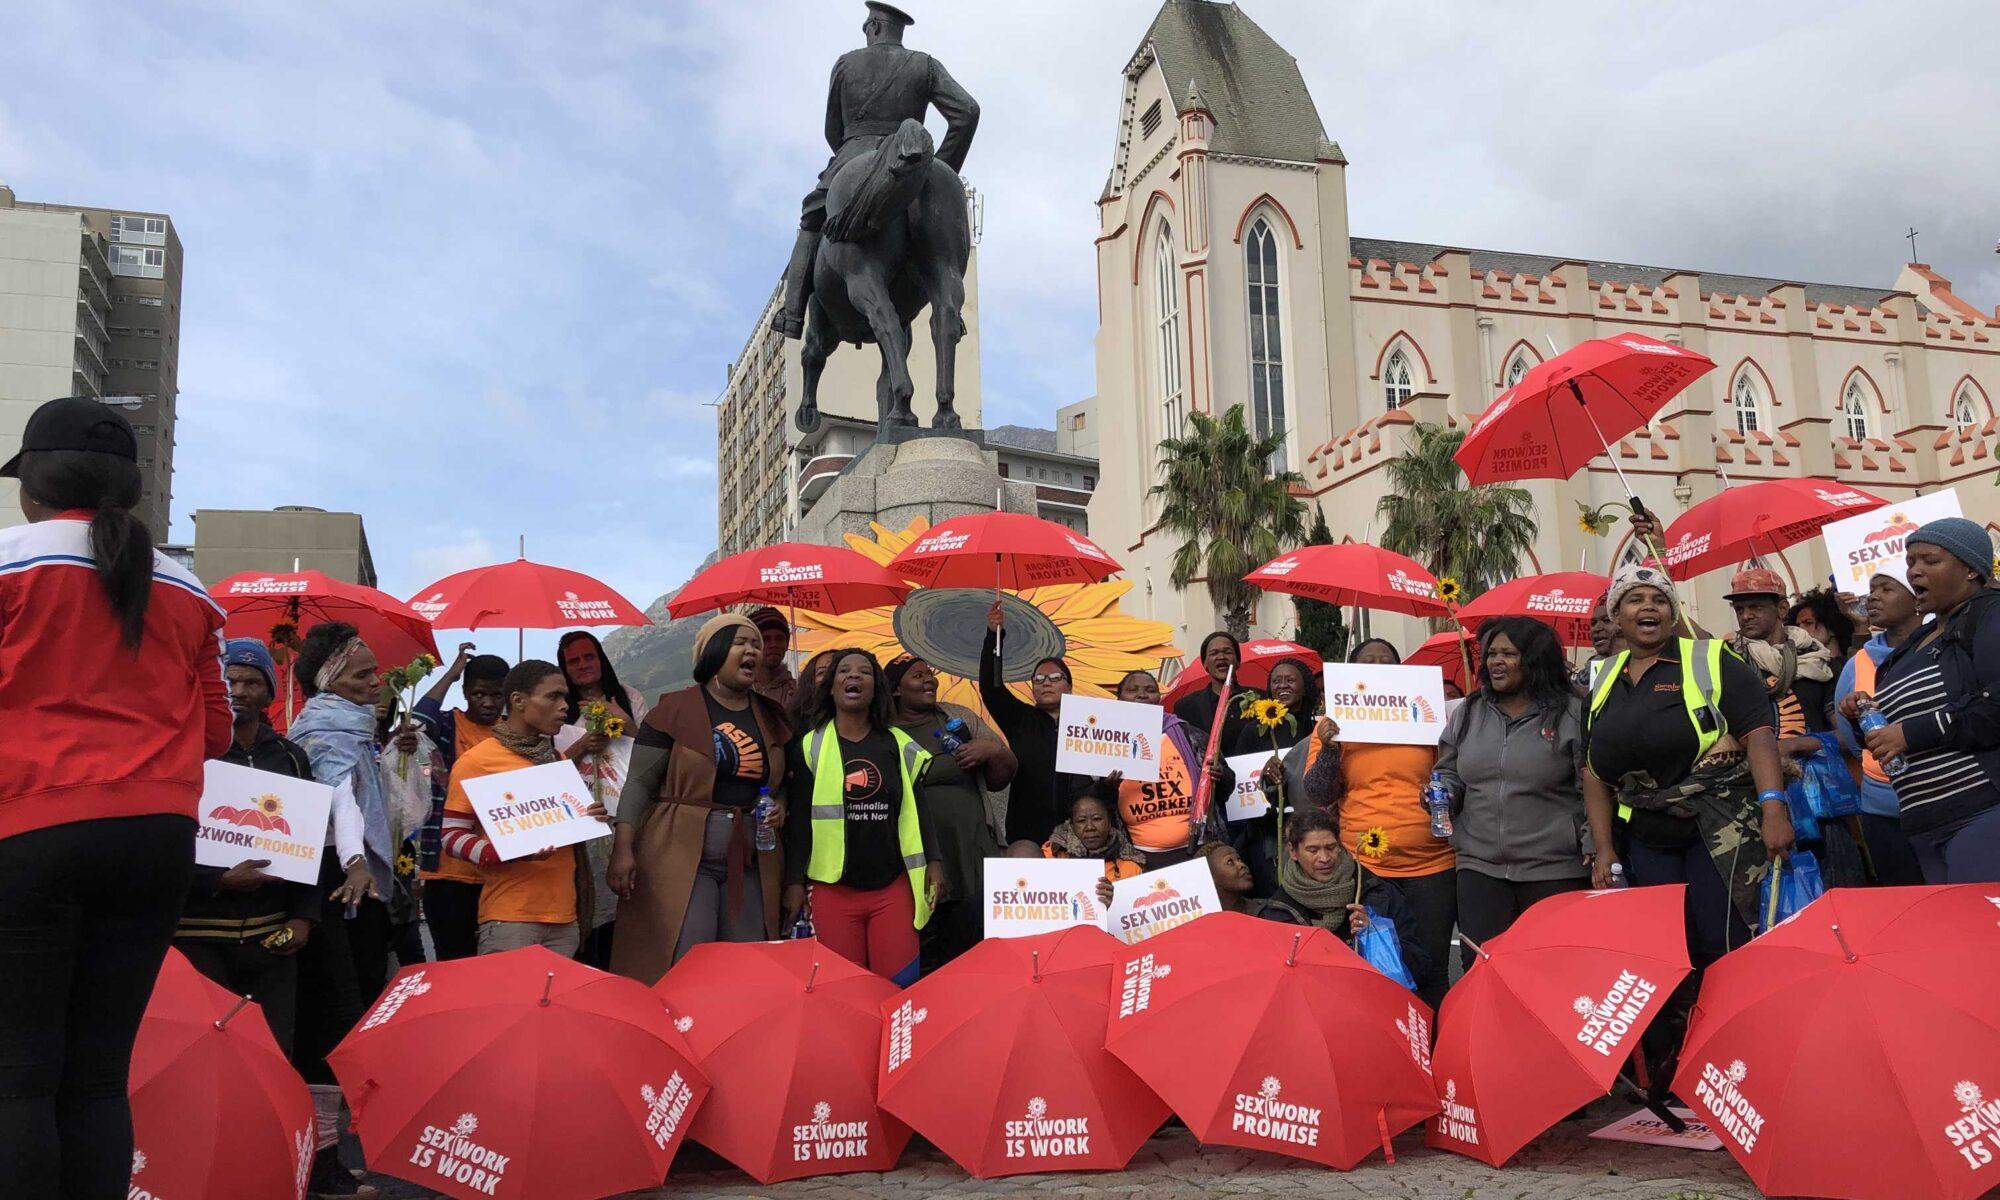 """Henkilöitä seksityötä puolustavassa mielenosoituksessa. Monella on punainen sateenvarjo, jossa lukee """"Sex work is work"""" ja """"Sex Work Promise""""."""